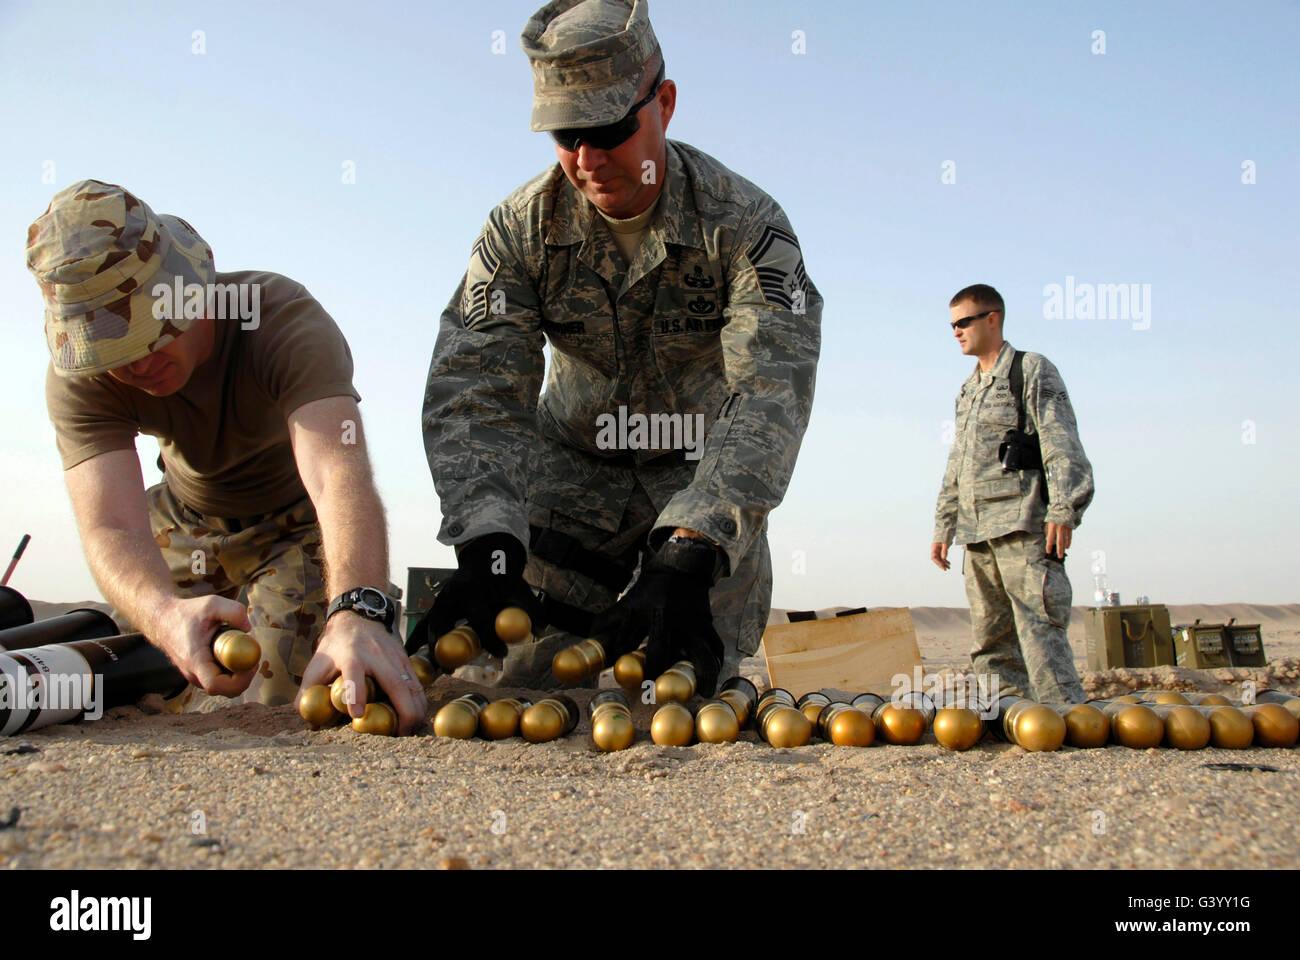 Préparer des techniciens pour l'élimination des grenades lors d'une détonation contrôlée. Banque D'Images